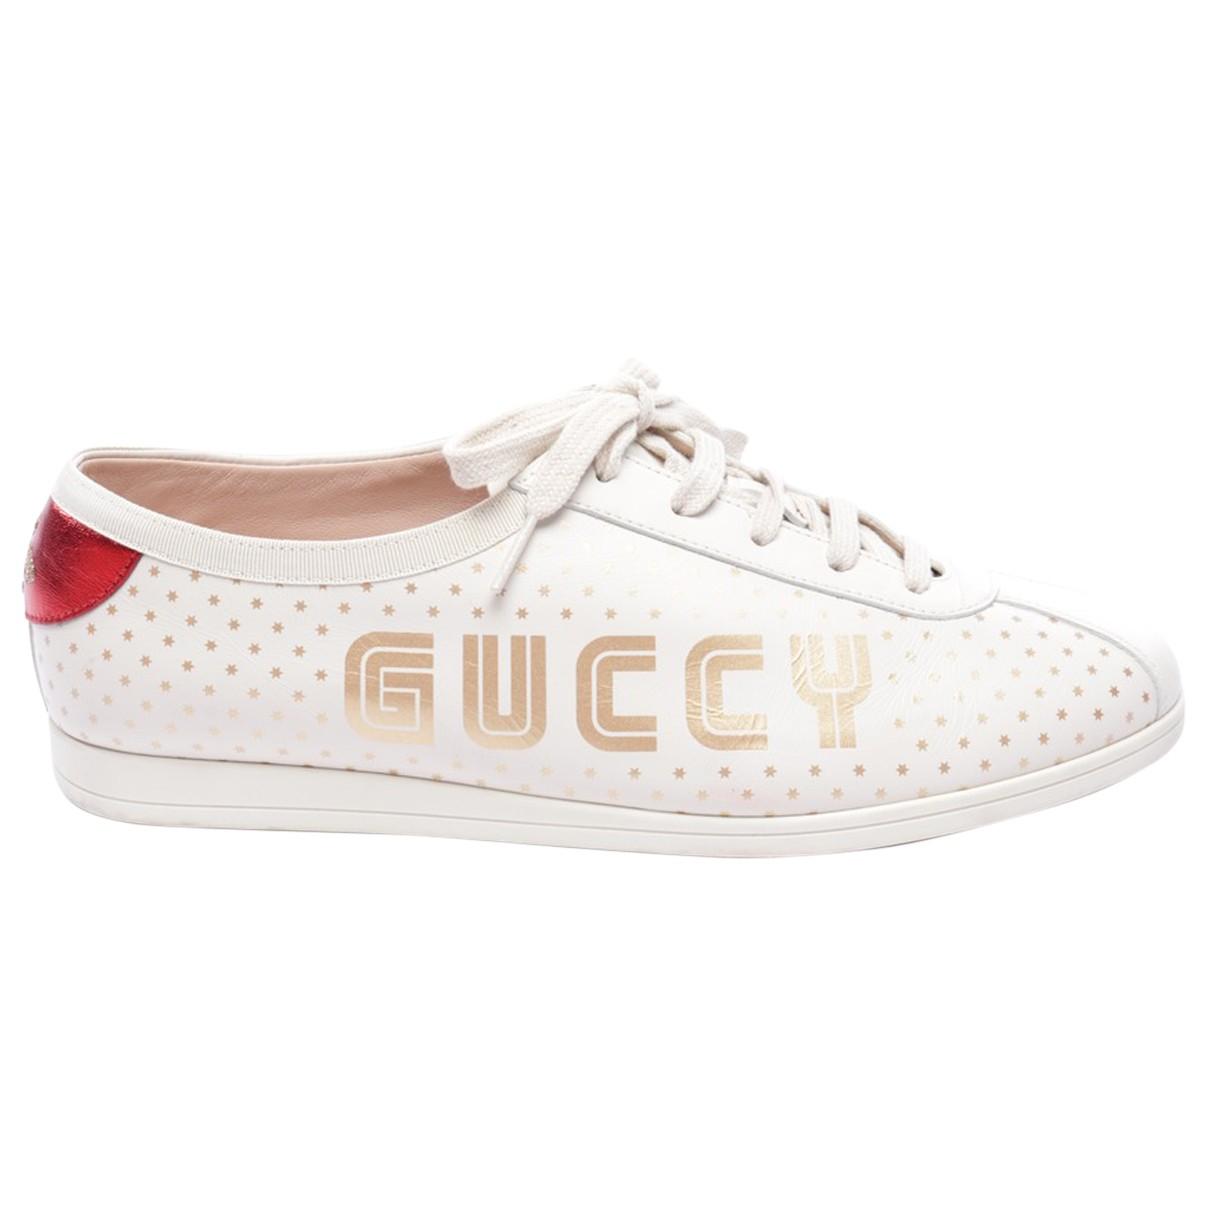 Gucci - Baskets   pour femme en cuir - multicolore